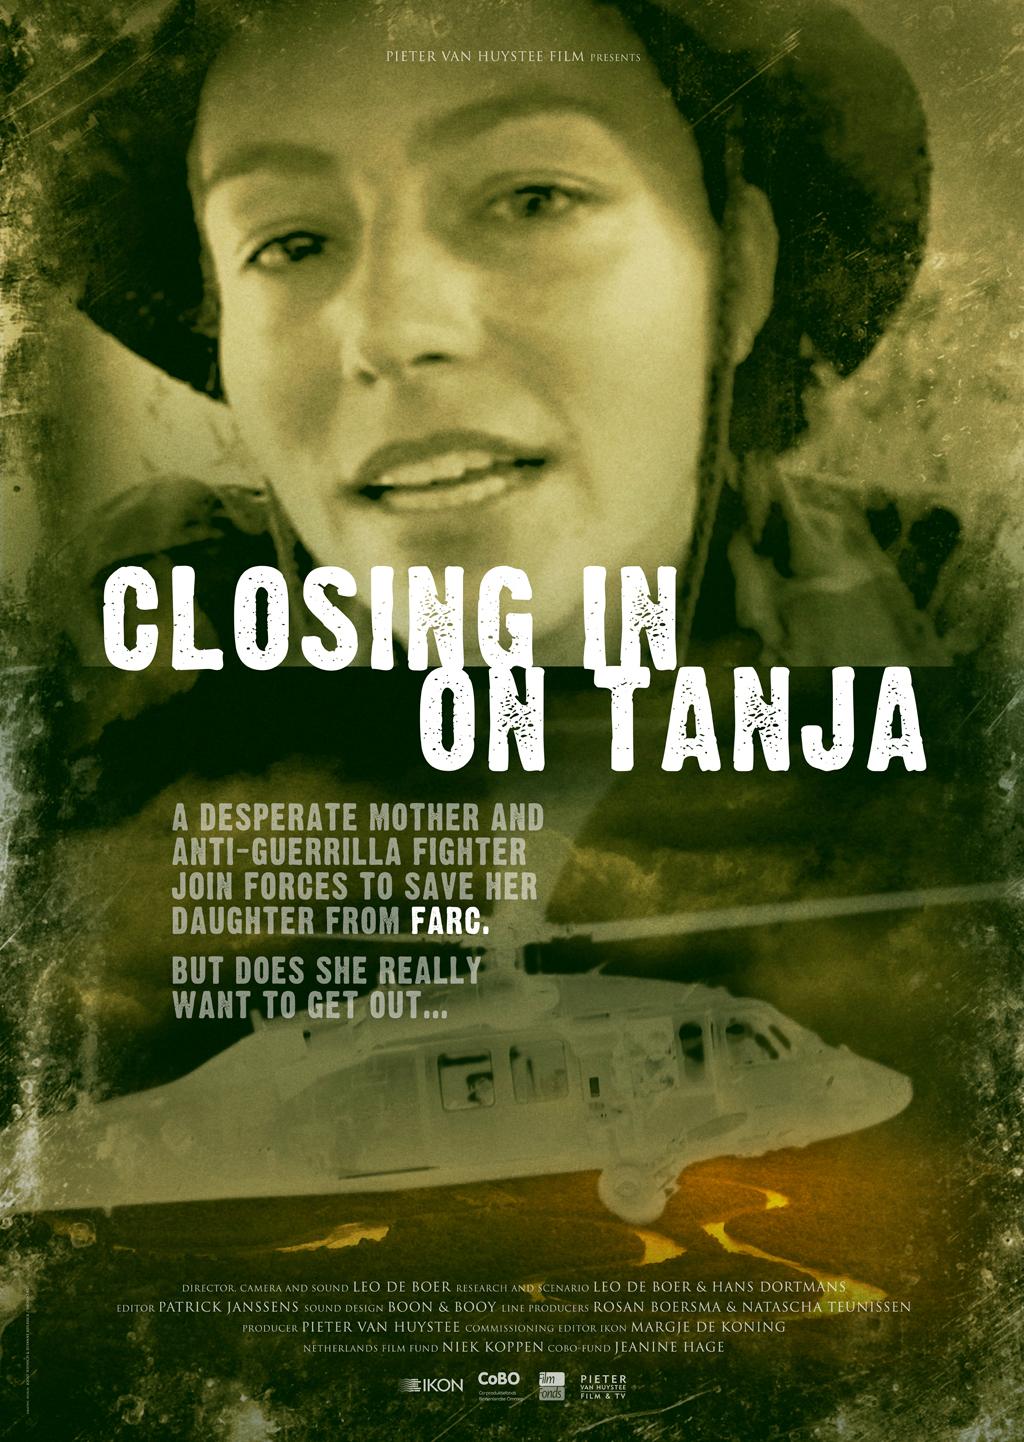 A4-Closing-in-on-Tanja.jpg